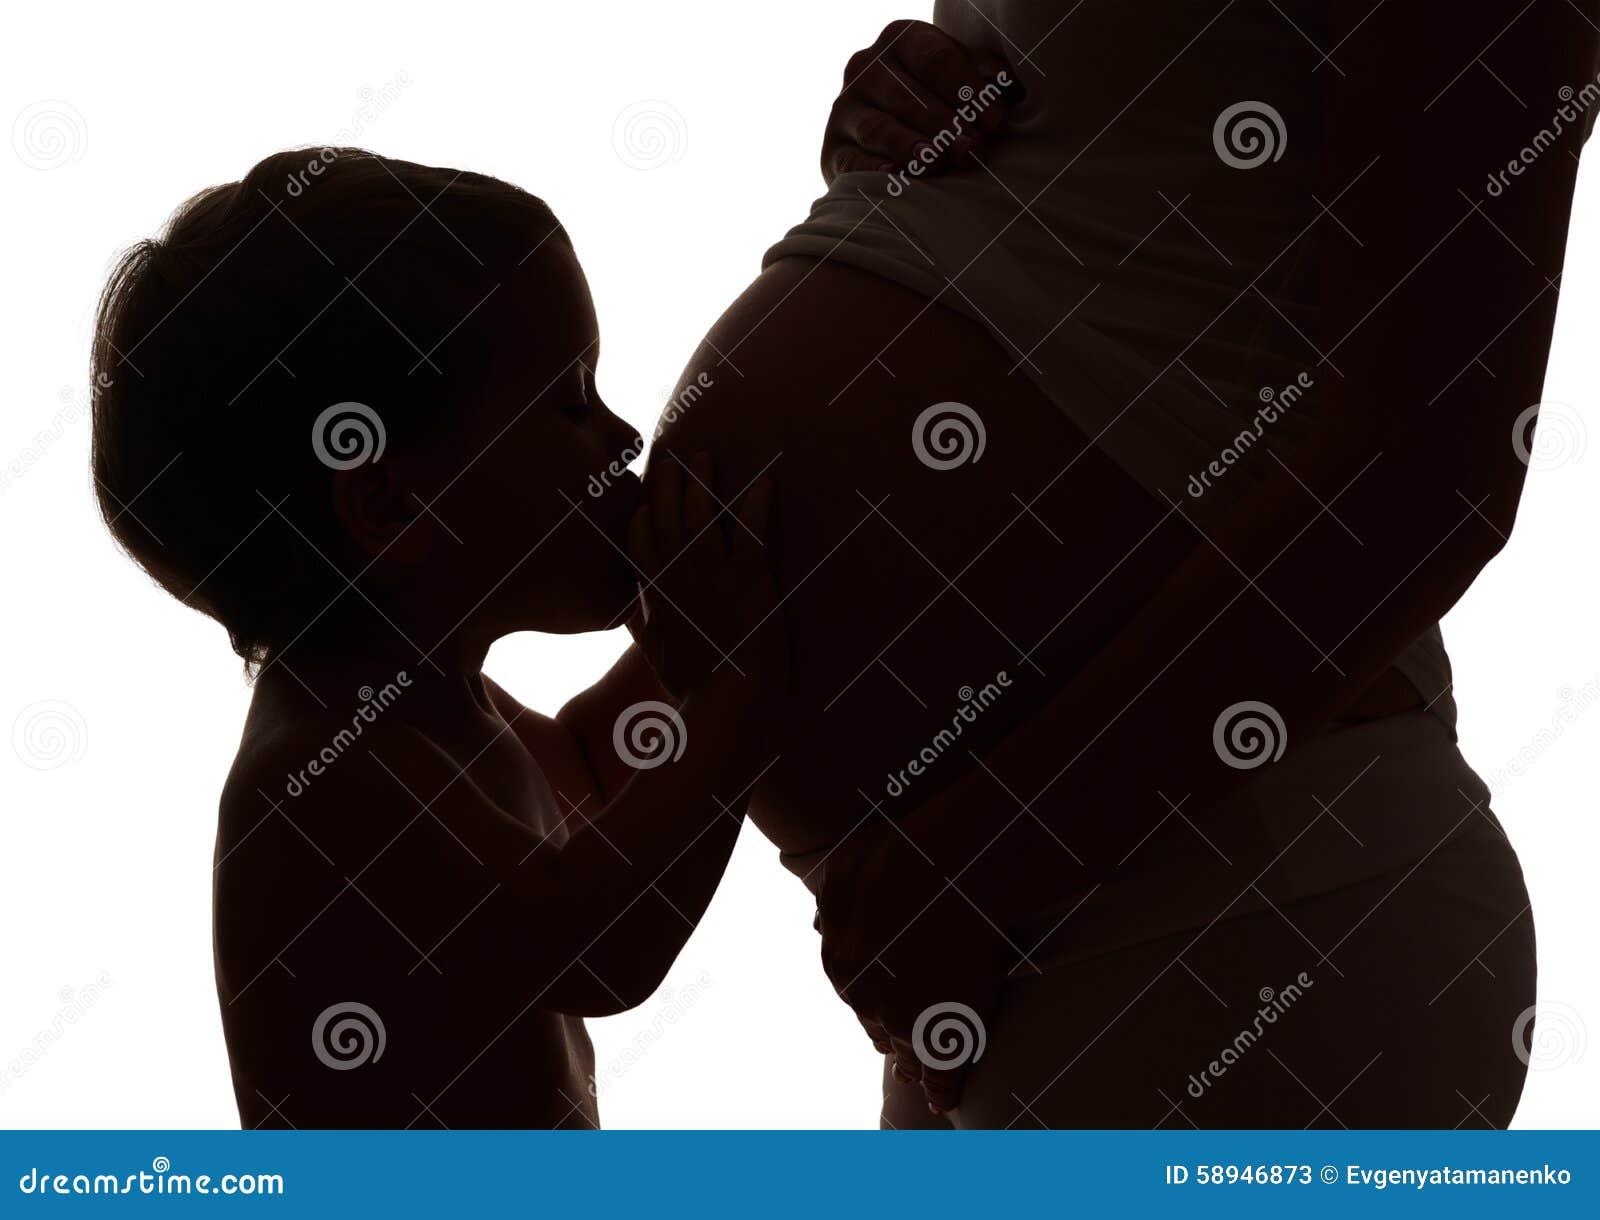 愉快的系列 愉快的怀孕的母亲的儿童亲吻的腹部剪影.图片